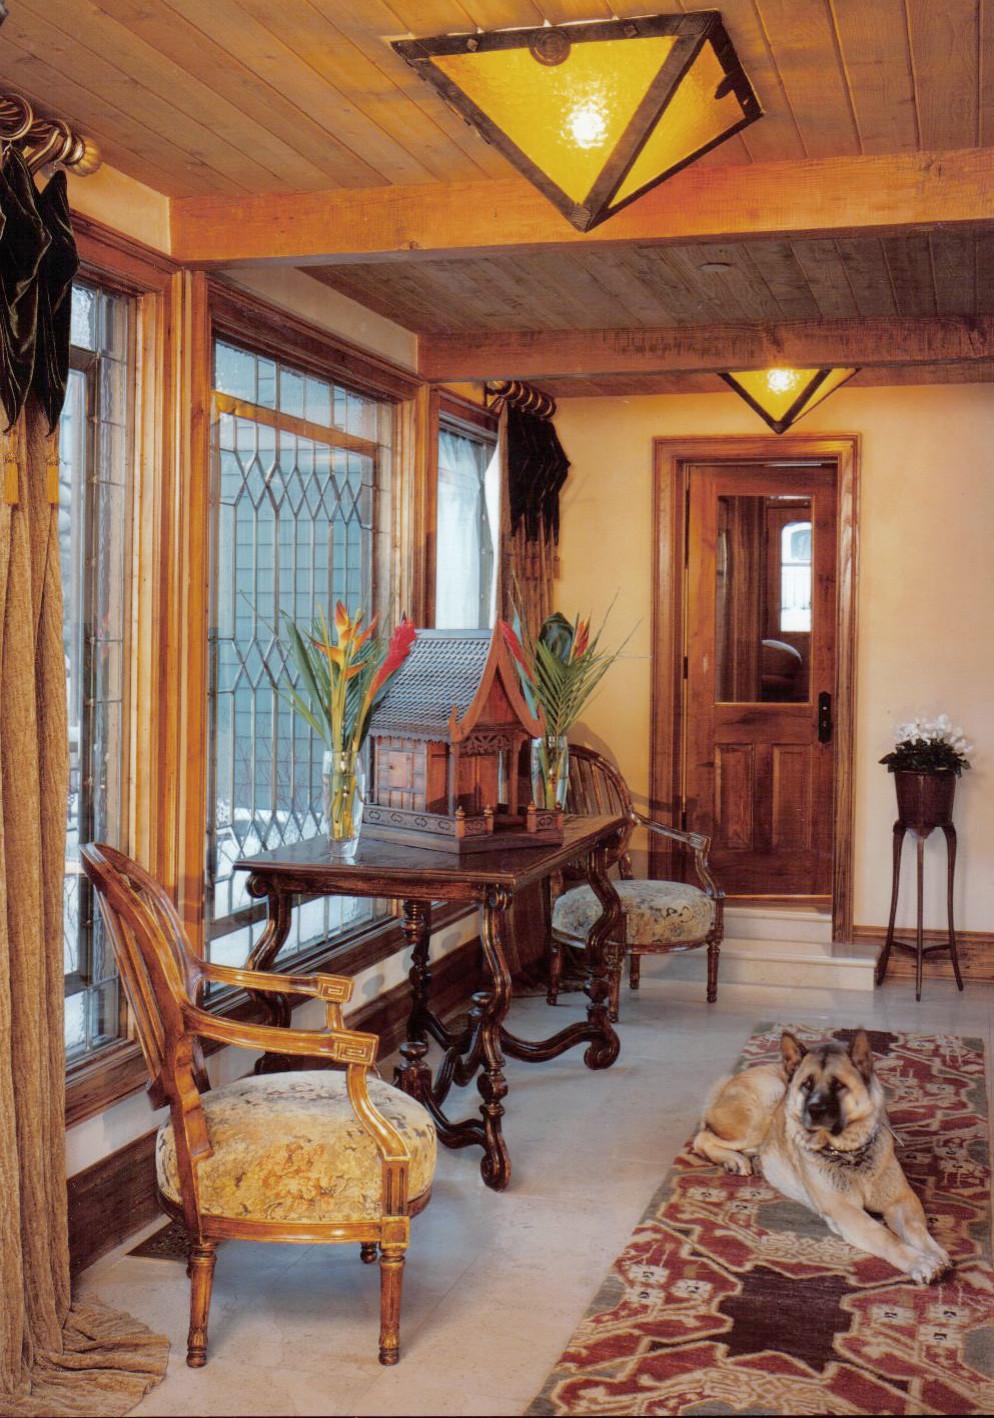 Miner's Cabin, Aspen, CO